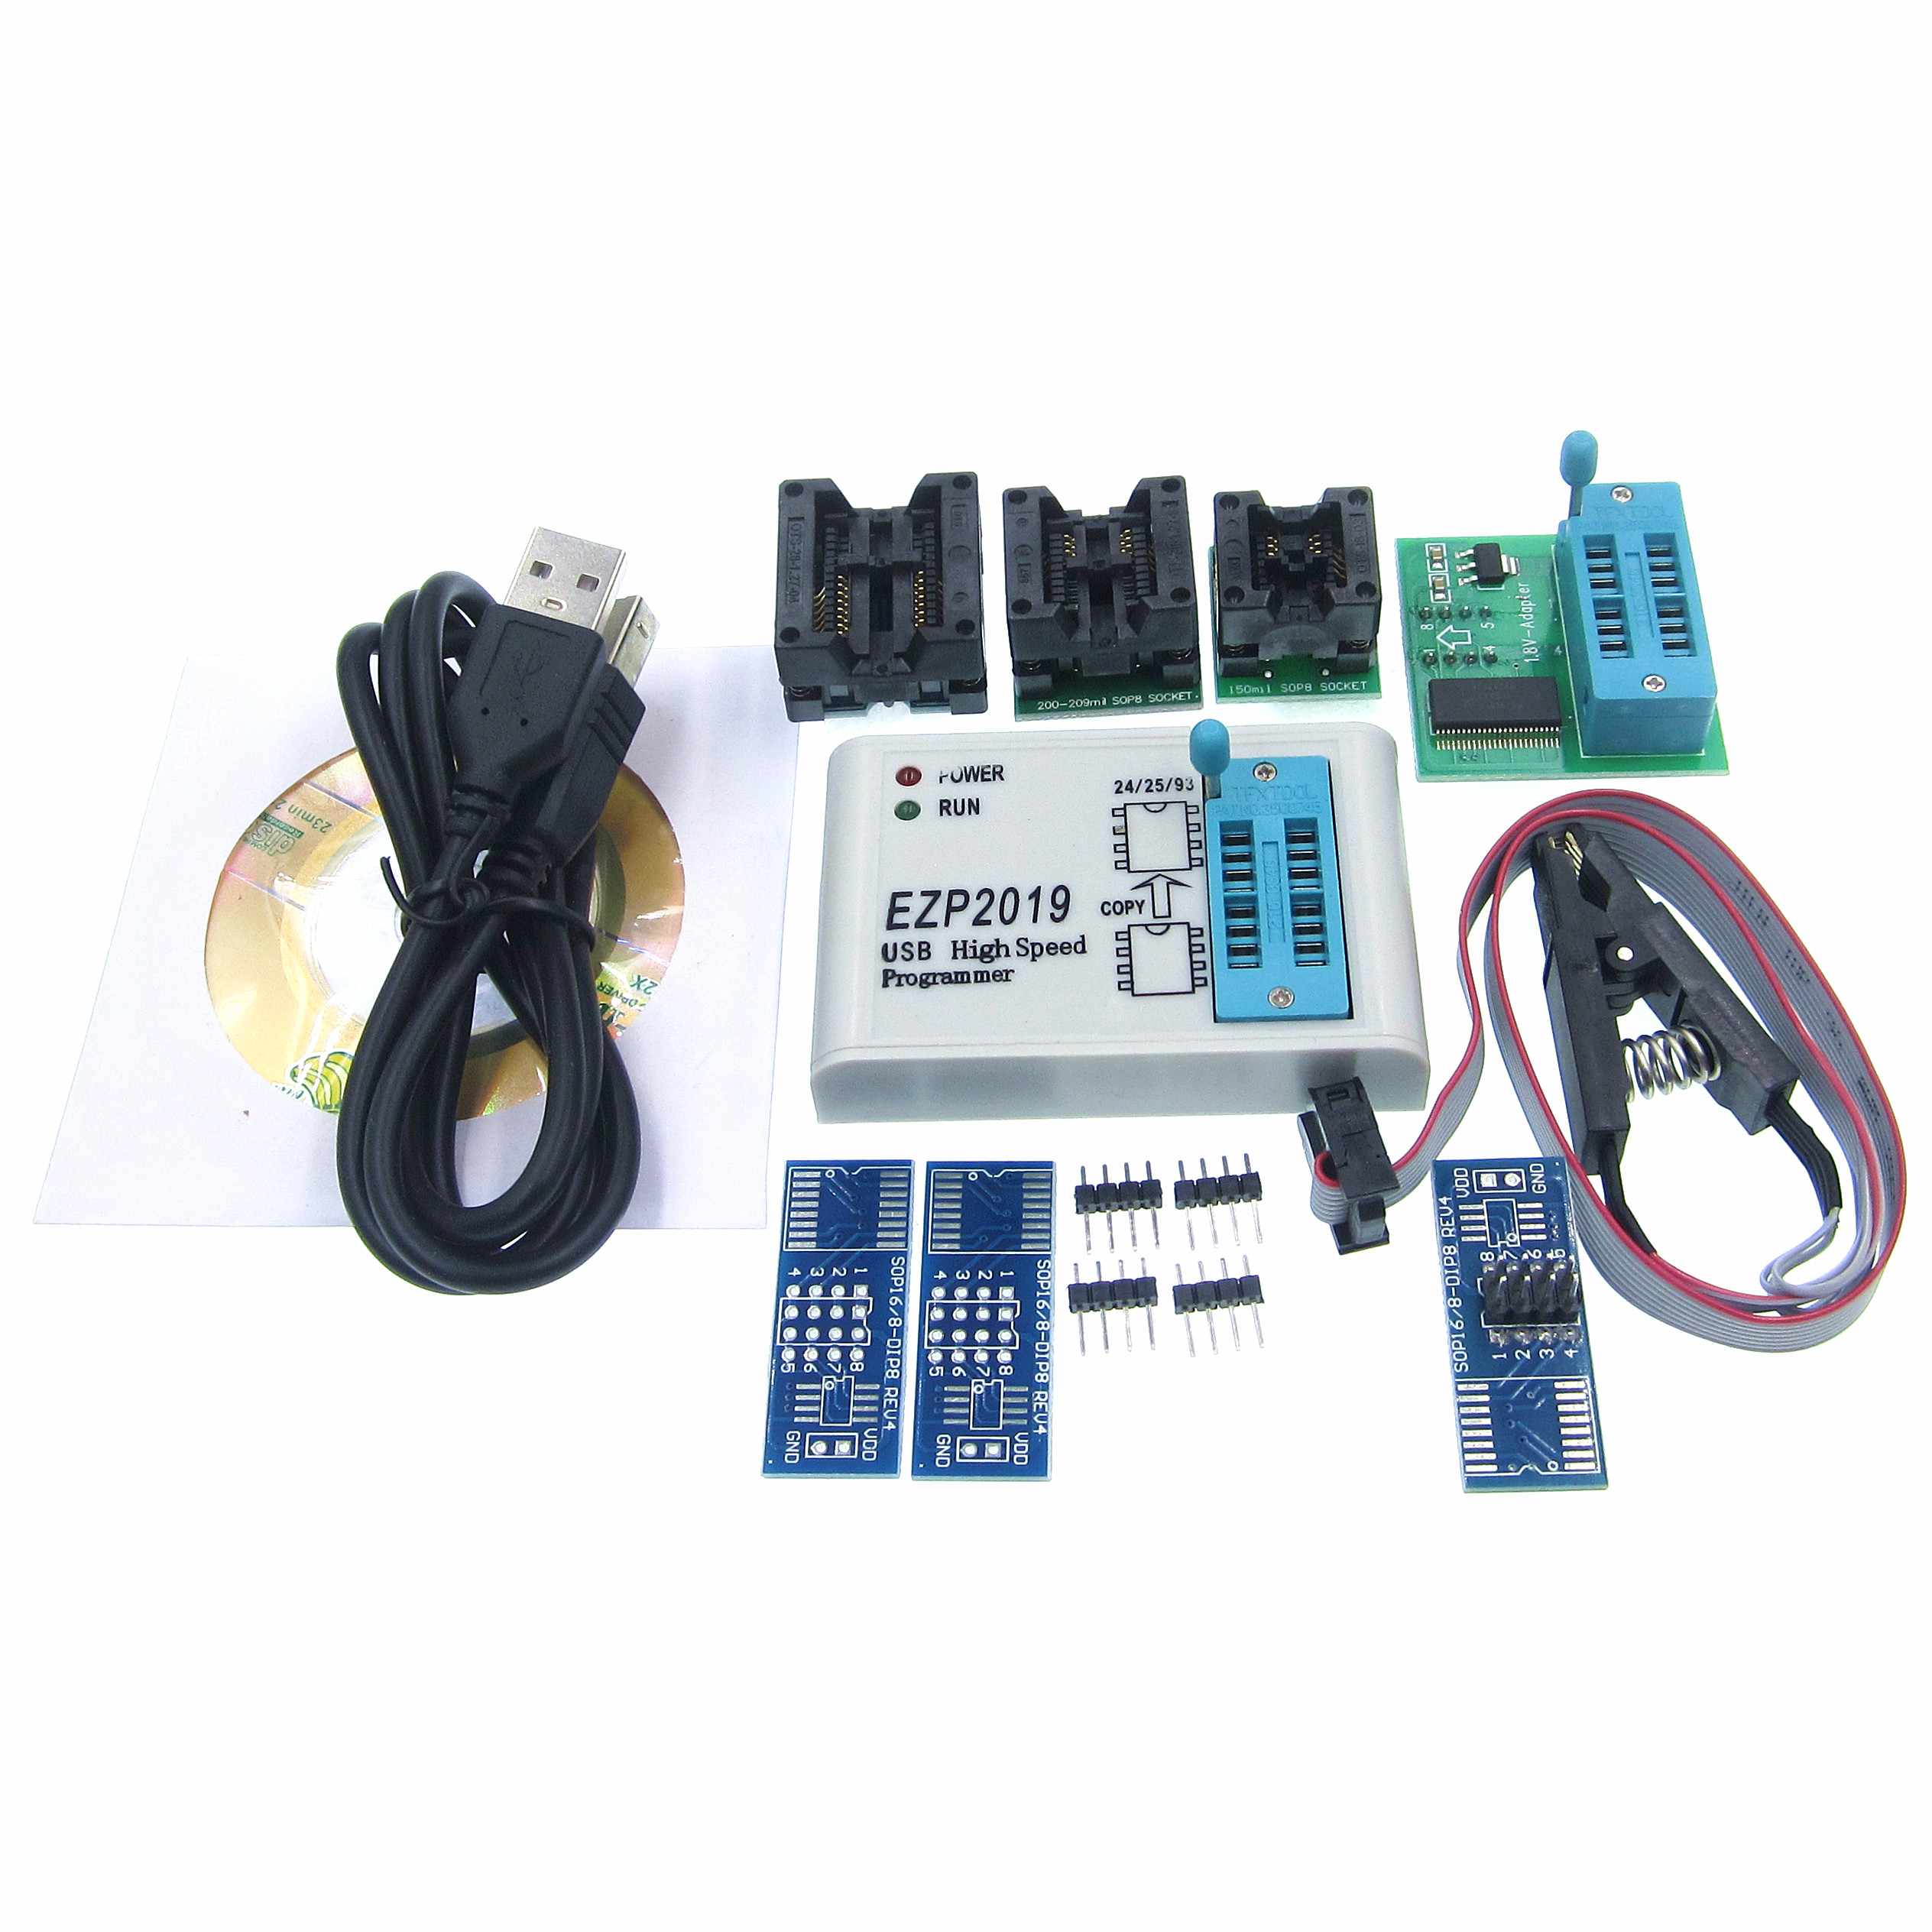 HOT EZP2019 high-speed USB SPI Programmer Better than EZP2010 EZP2013  support 32M Flash 24 25 93 EEPROM 25 flash bios WIN7 WIN8